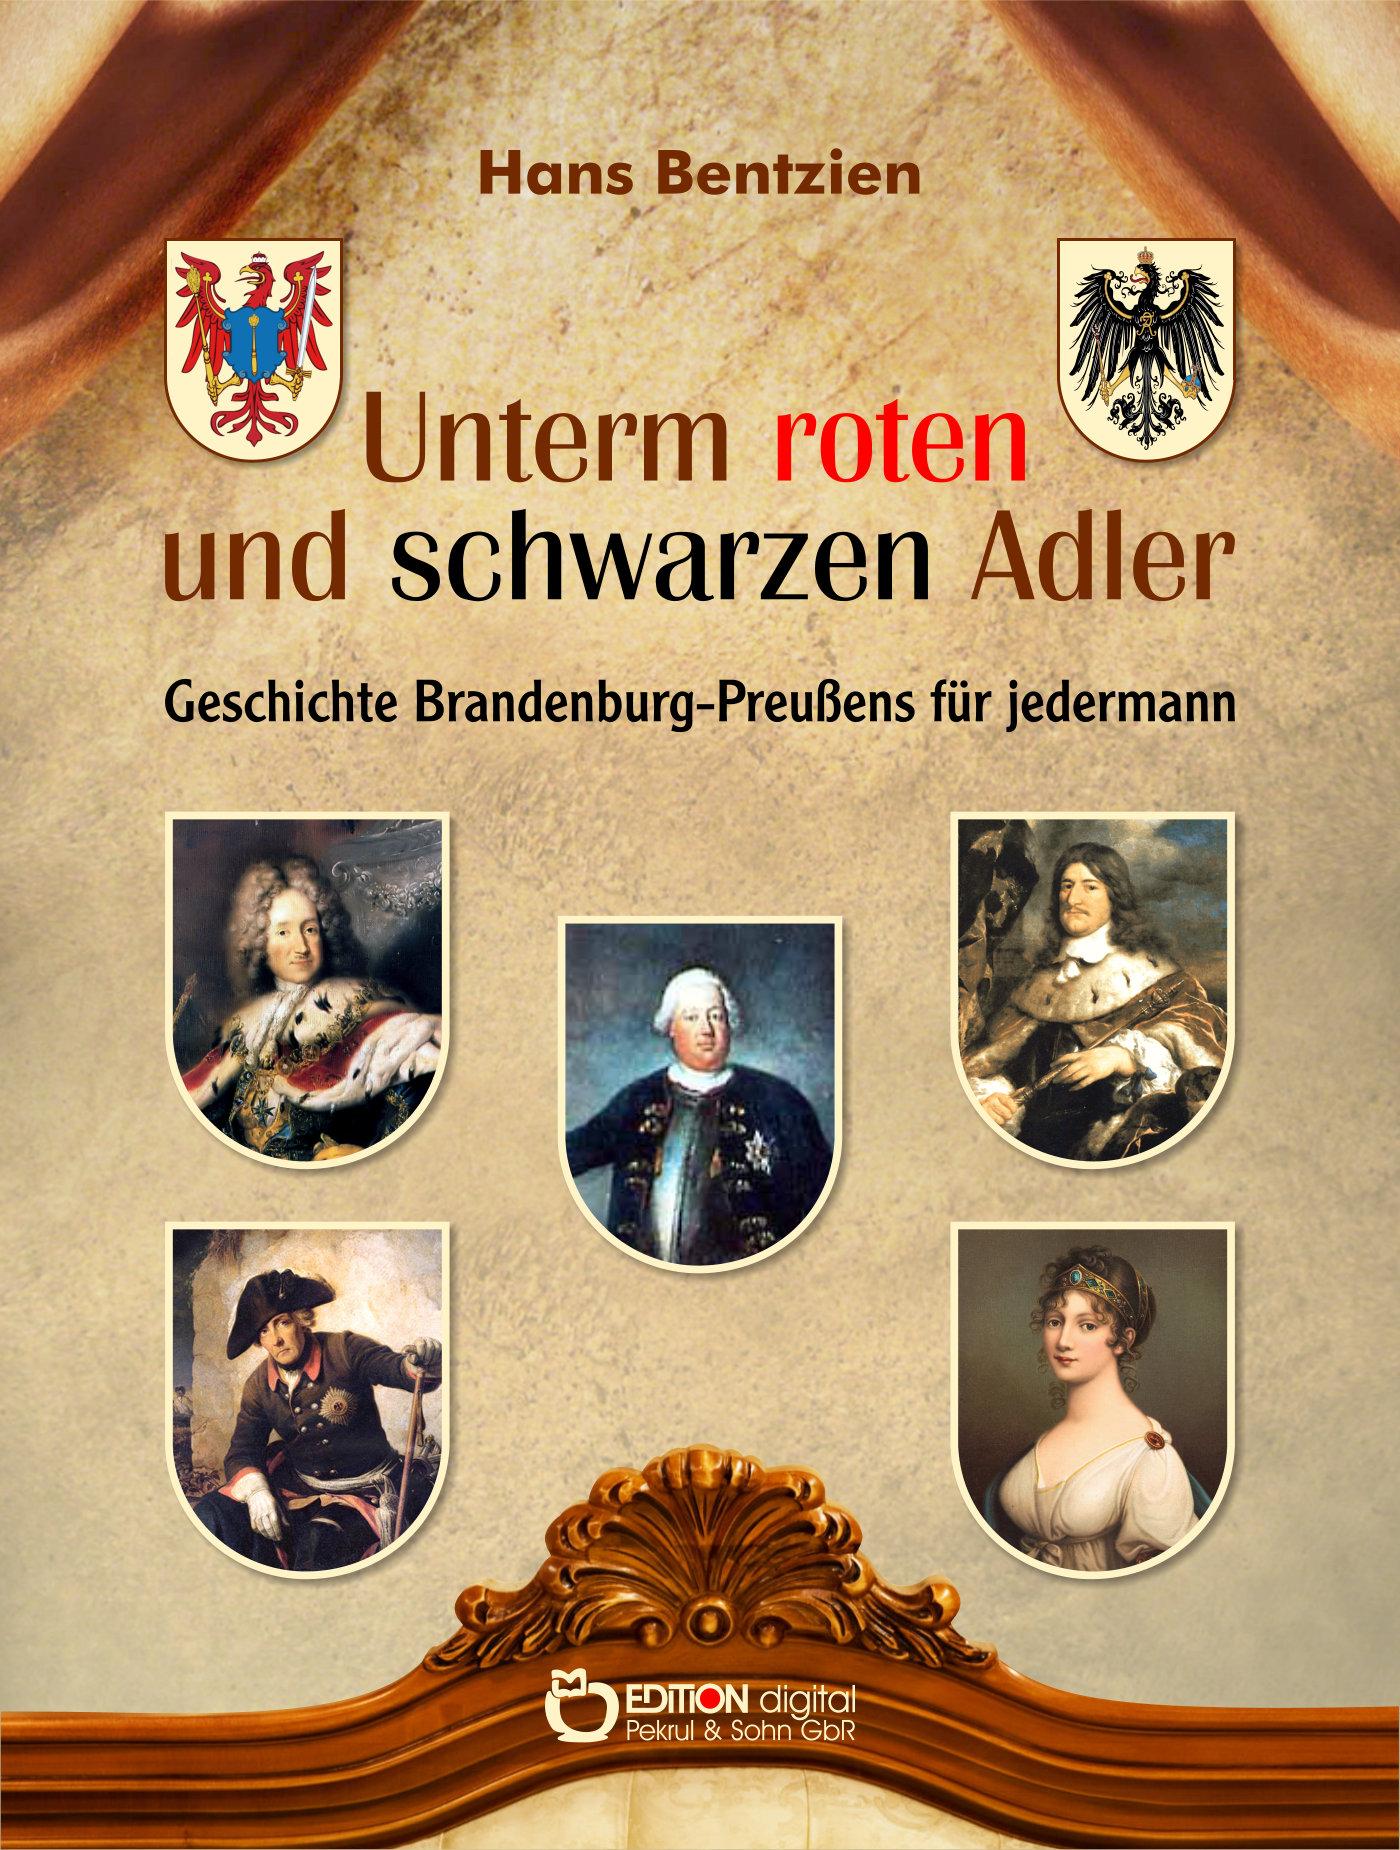 Unterm roten und schwarzen Adler. Geschichte Brandenburg-Preußens für jedermann von Hans Bentzien